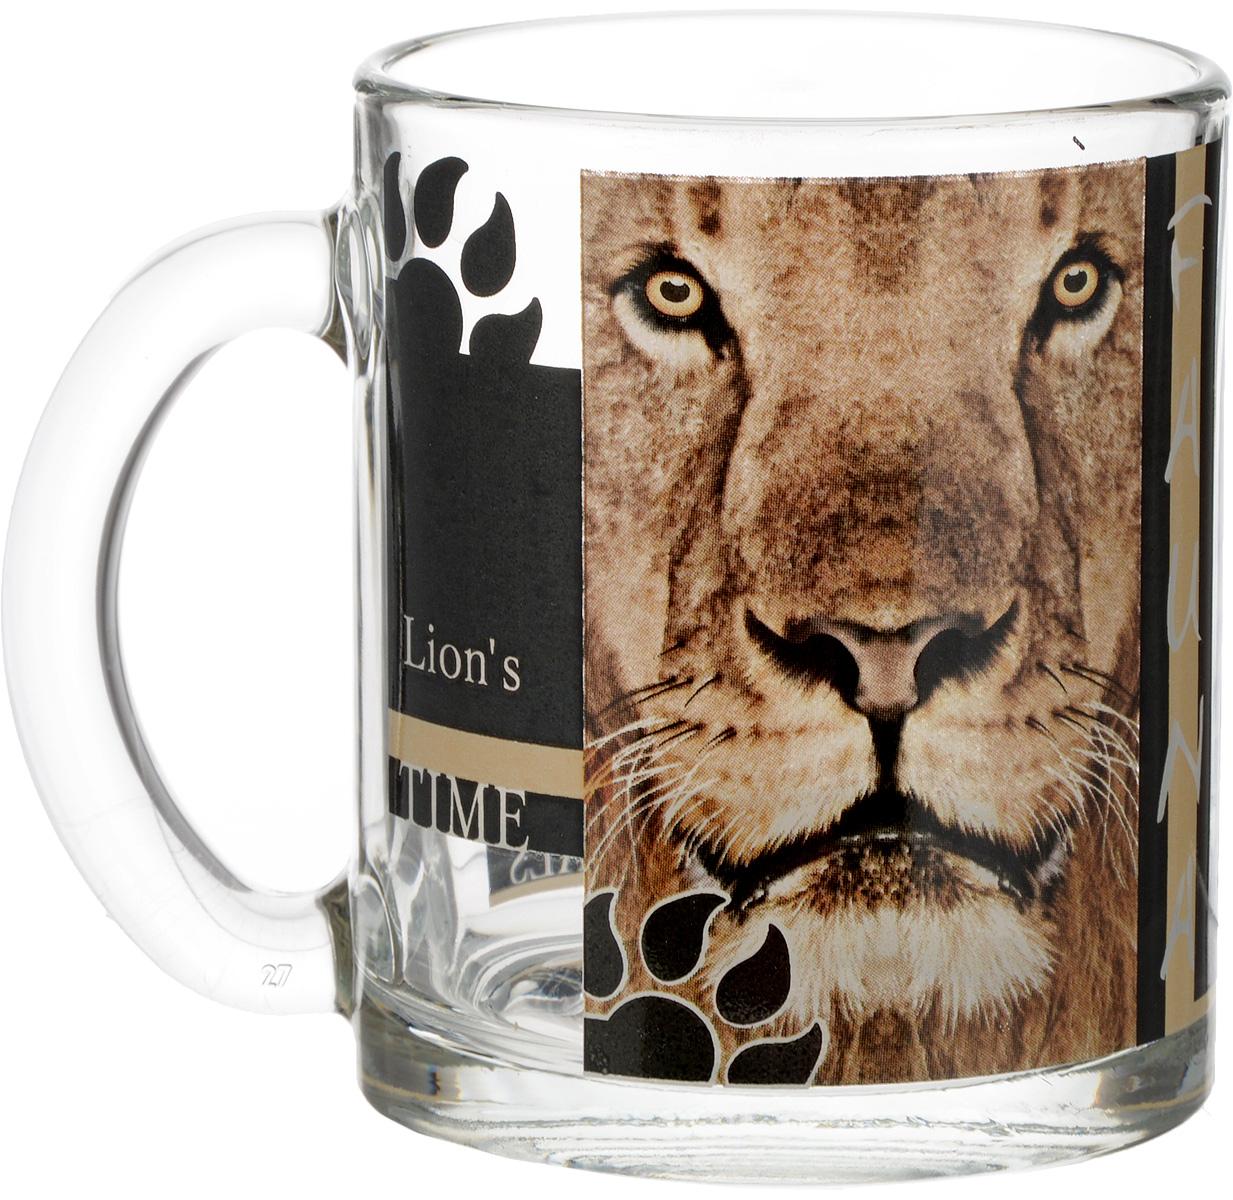 Кружка OSZ Чайная. Дикие кошки. Лев, 320 мл04C1208-DKK_ЛевКружка OSZ Чайная. Дикие кошки. Лев, выполненная из стекла, декорирована изображением льва и оснащена эргономичной ручкой. Кружка сочетает всебе оригинальный дизайн и функциональность. Она согреет вас долгими холодными вечерами.Диаметр кружки (по верхнему краю): 8 см. Высота кружки: 9,5 см. Объем кружки: 320 мл.